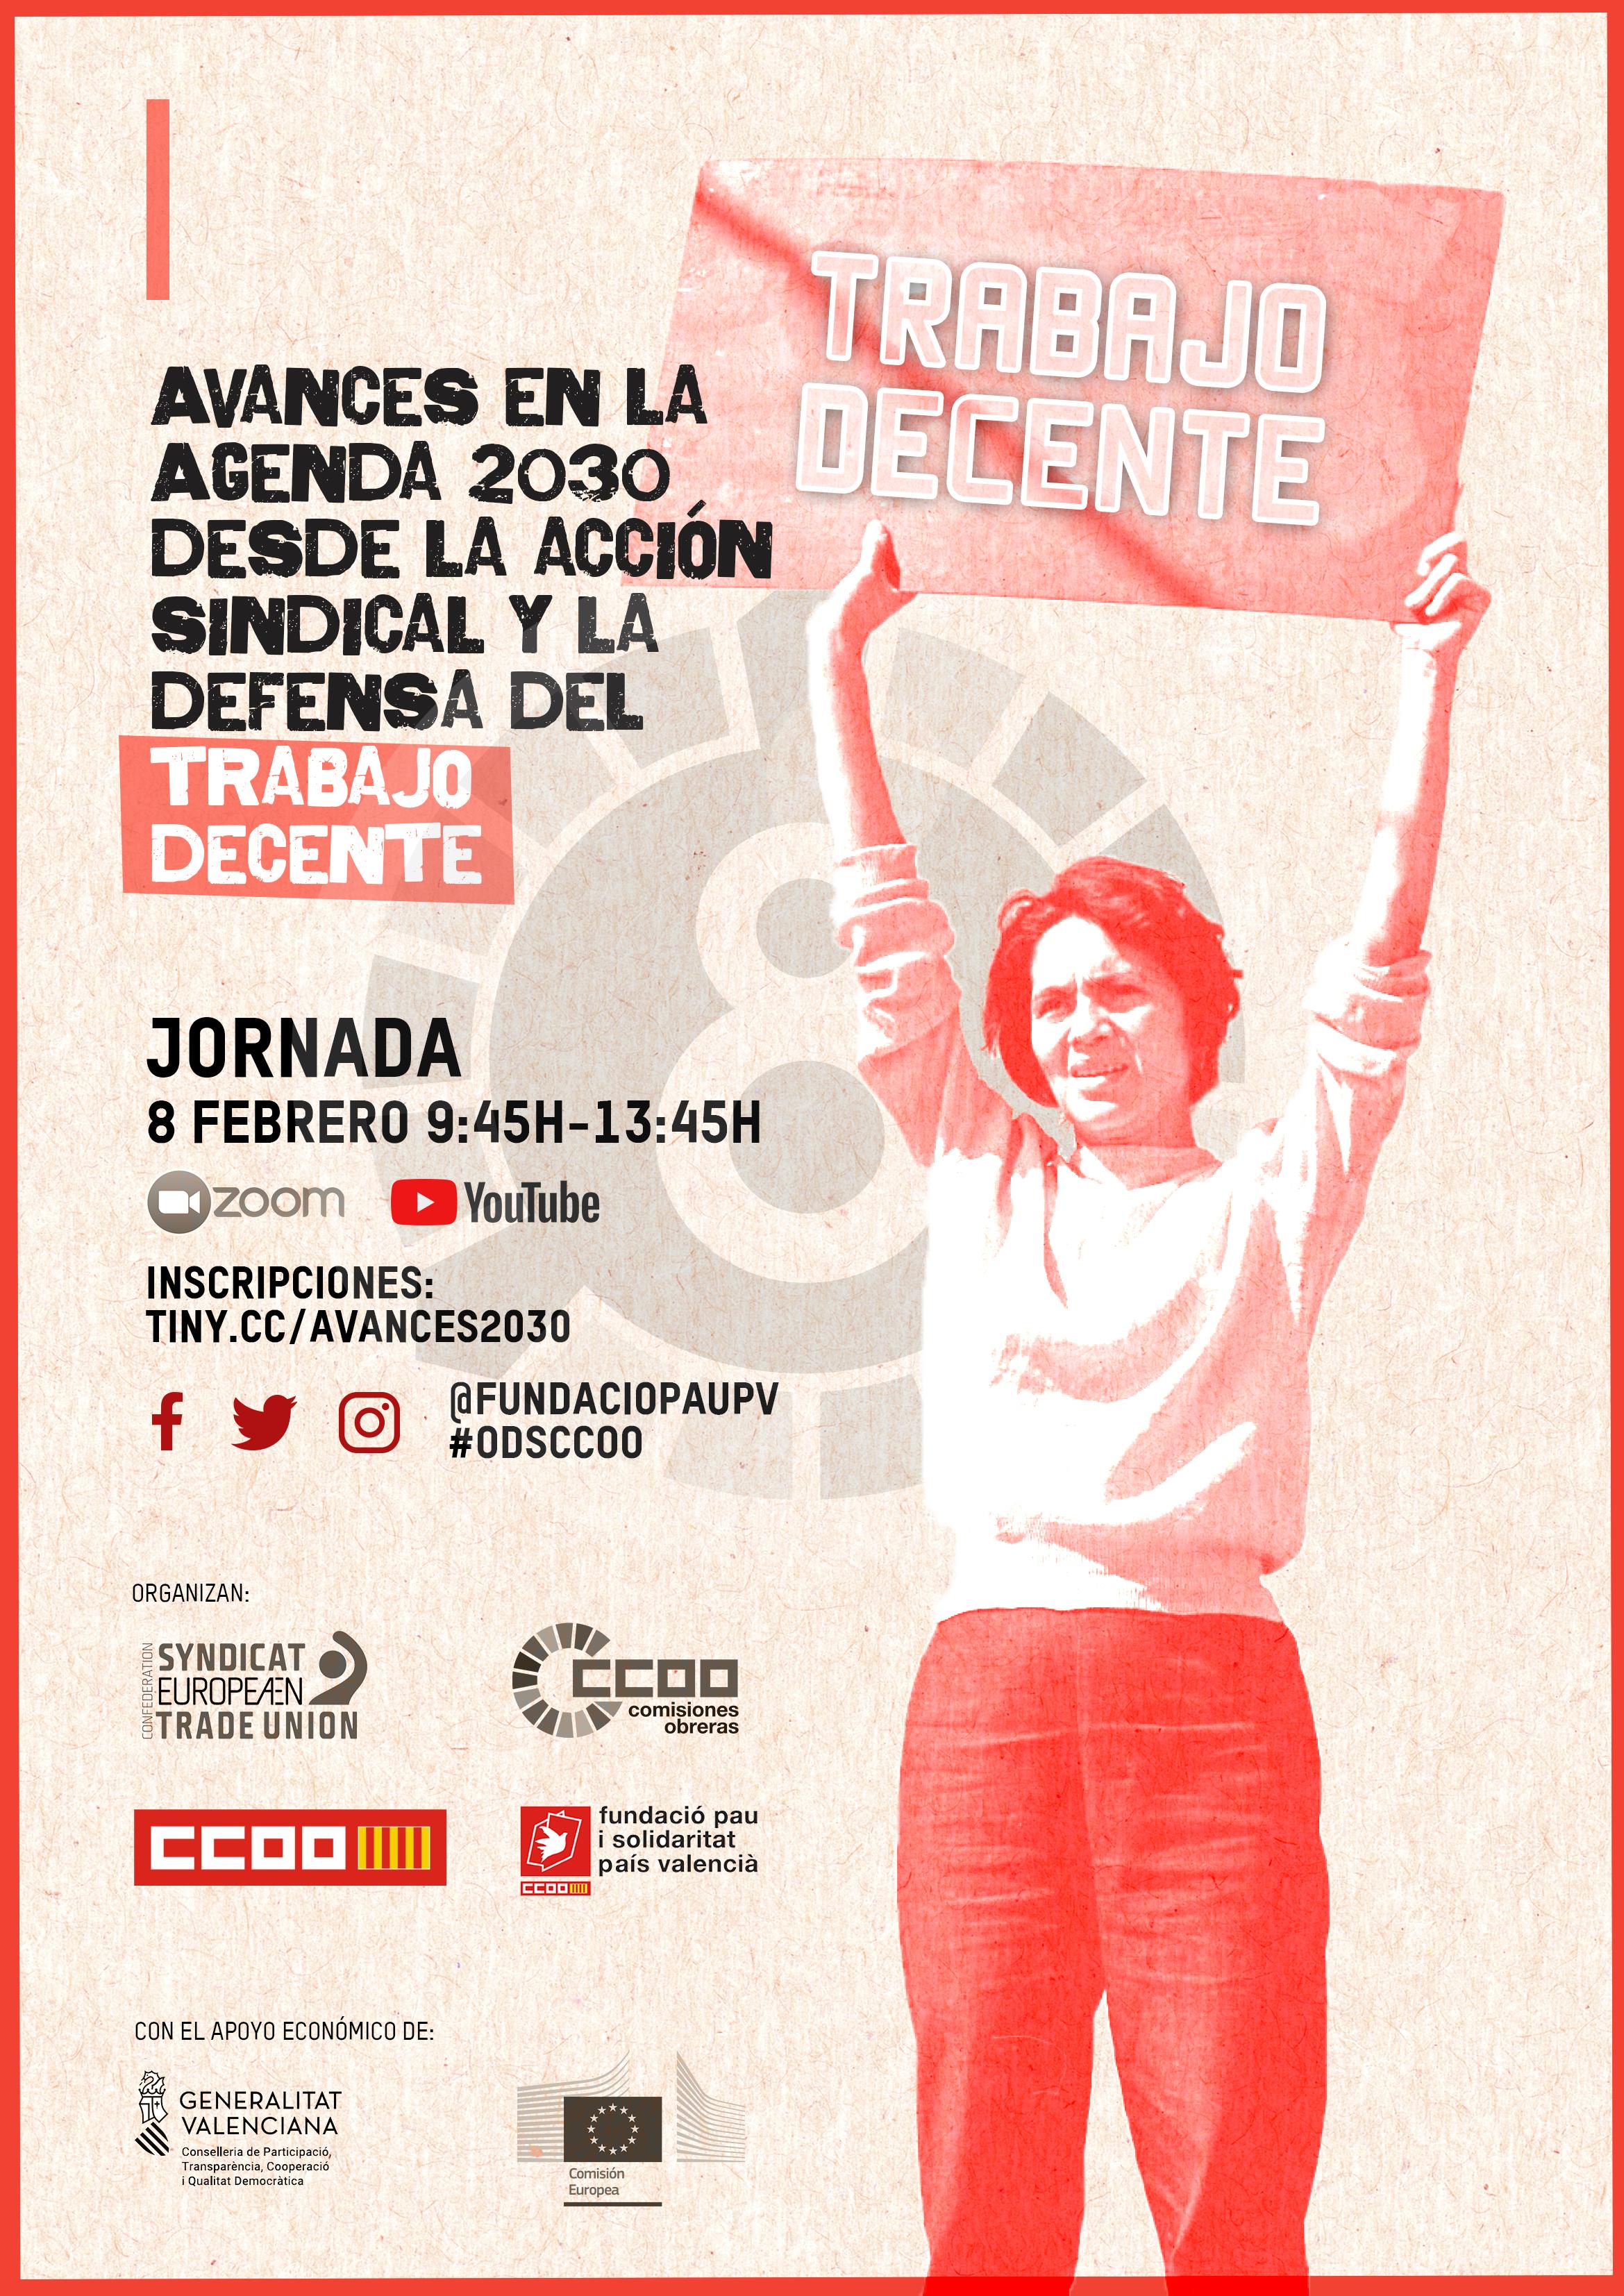 Avances en la Agenda 2030 desde la acción sindical y la defensa del trabajo decente